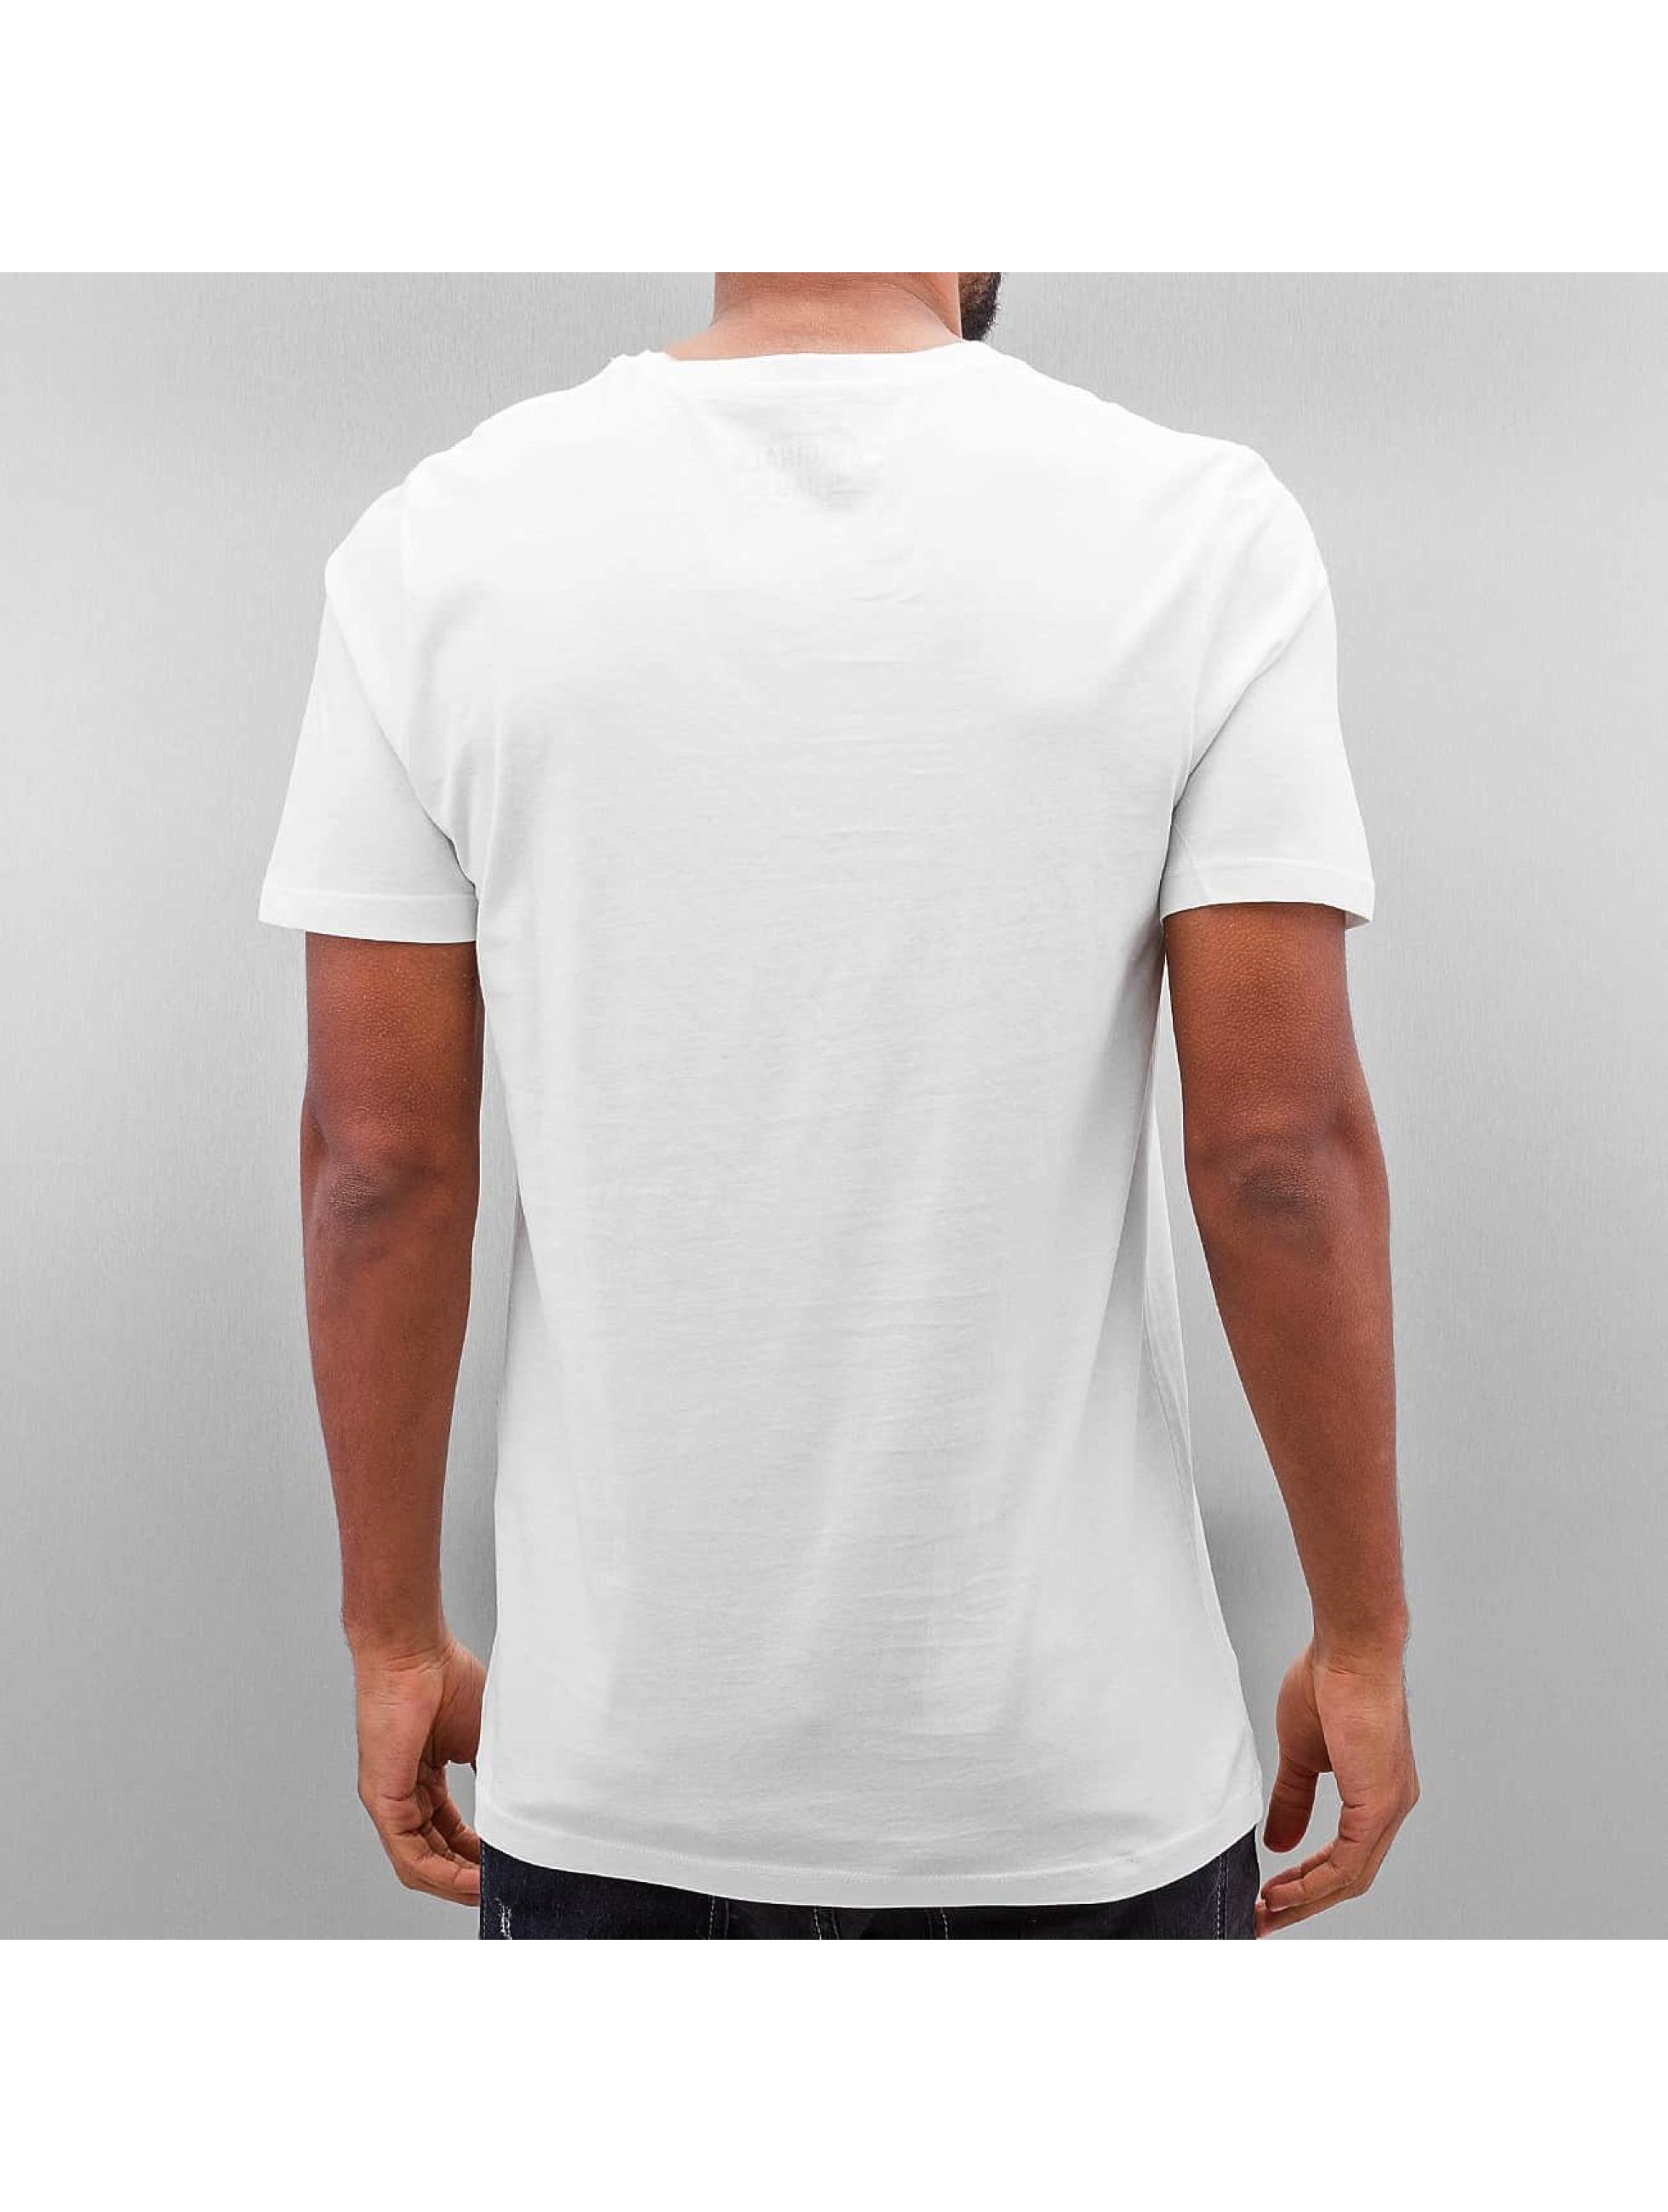 Jack & Jones T-skjorter Jorsedret hvit